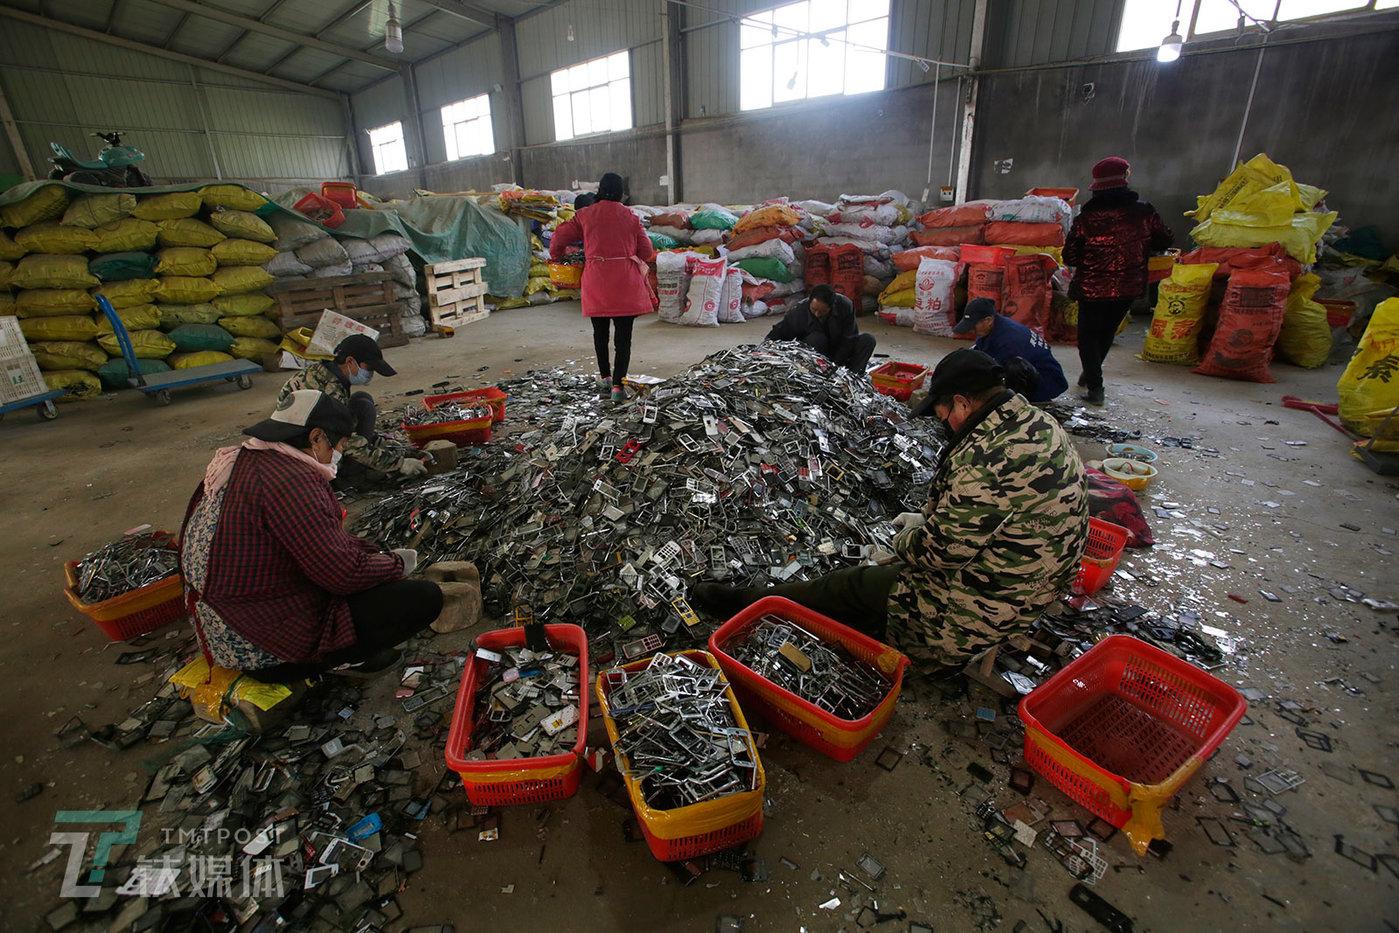 拆解厂内,几名工人在处理手机金属外壳,他们的工作是用锤子把外壳上的塑料屏保敲下来。这些金属壳会被专门的收购商买走用于提炼锌。